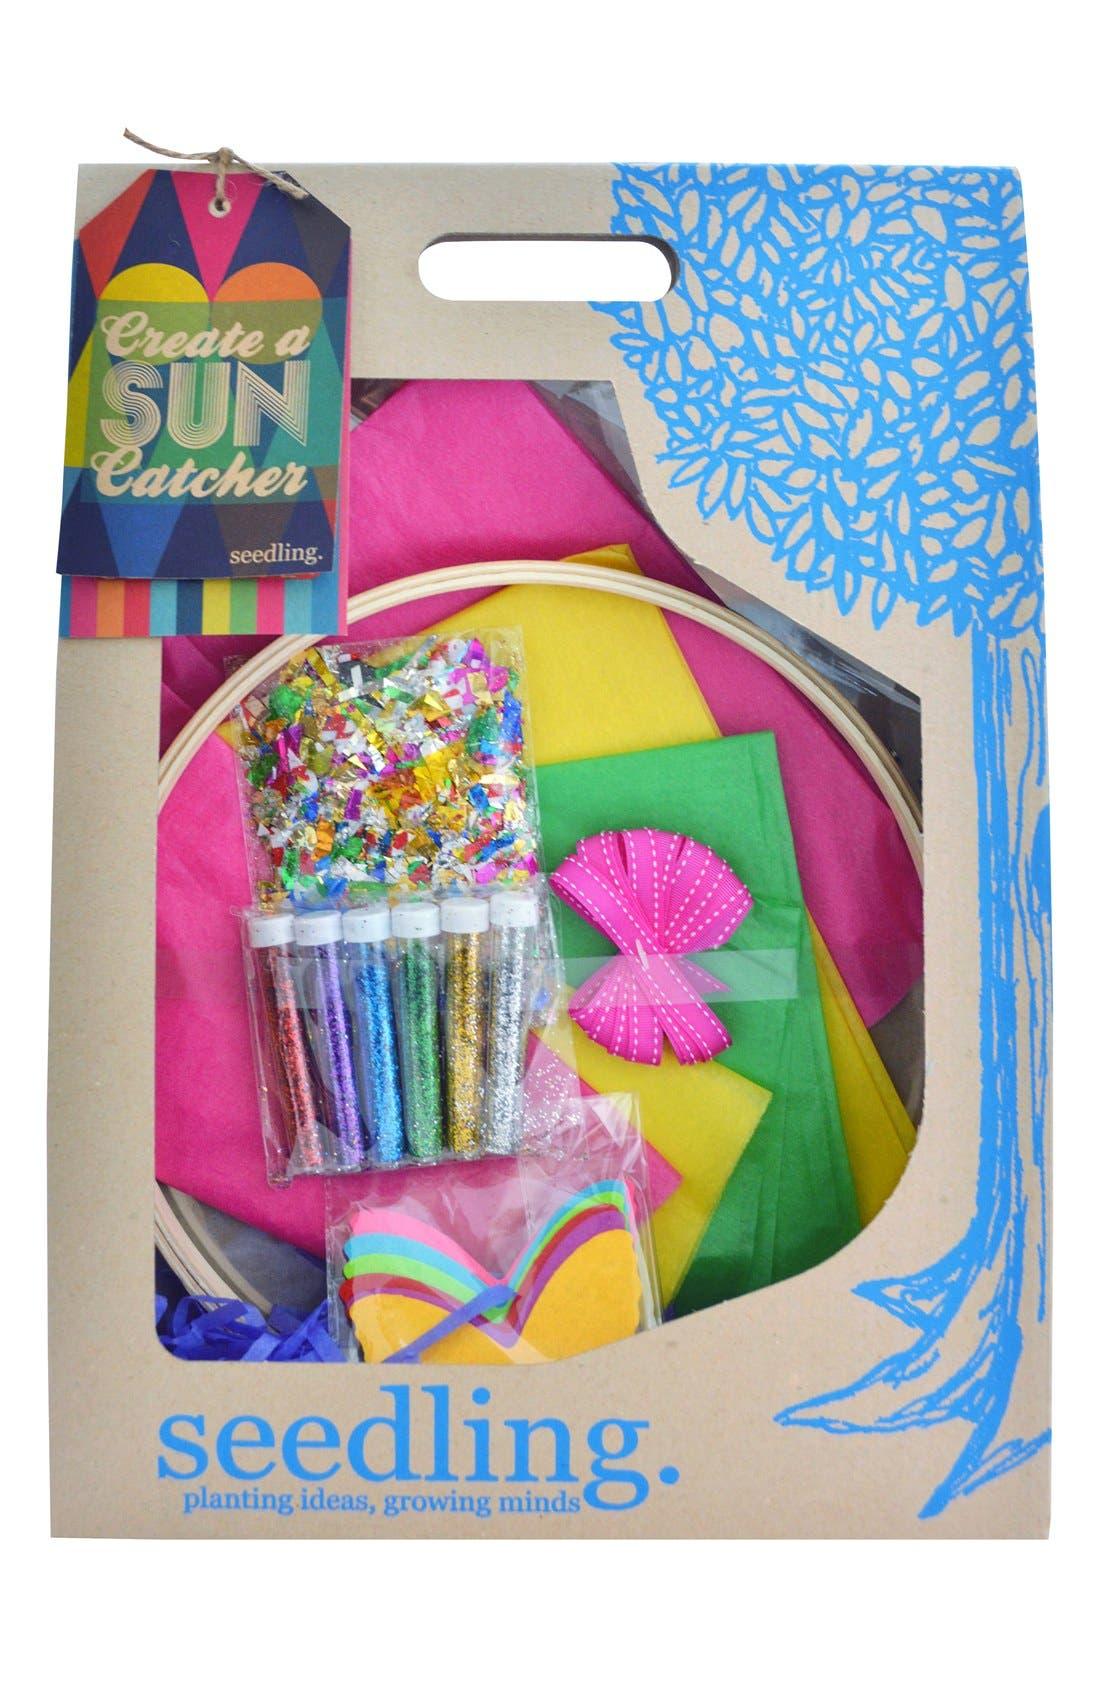 seedling 'Create a Suncatcher' Kit